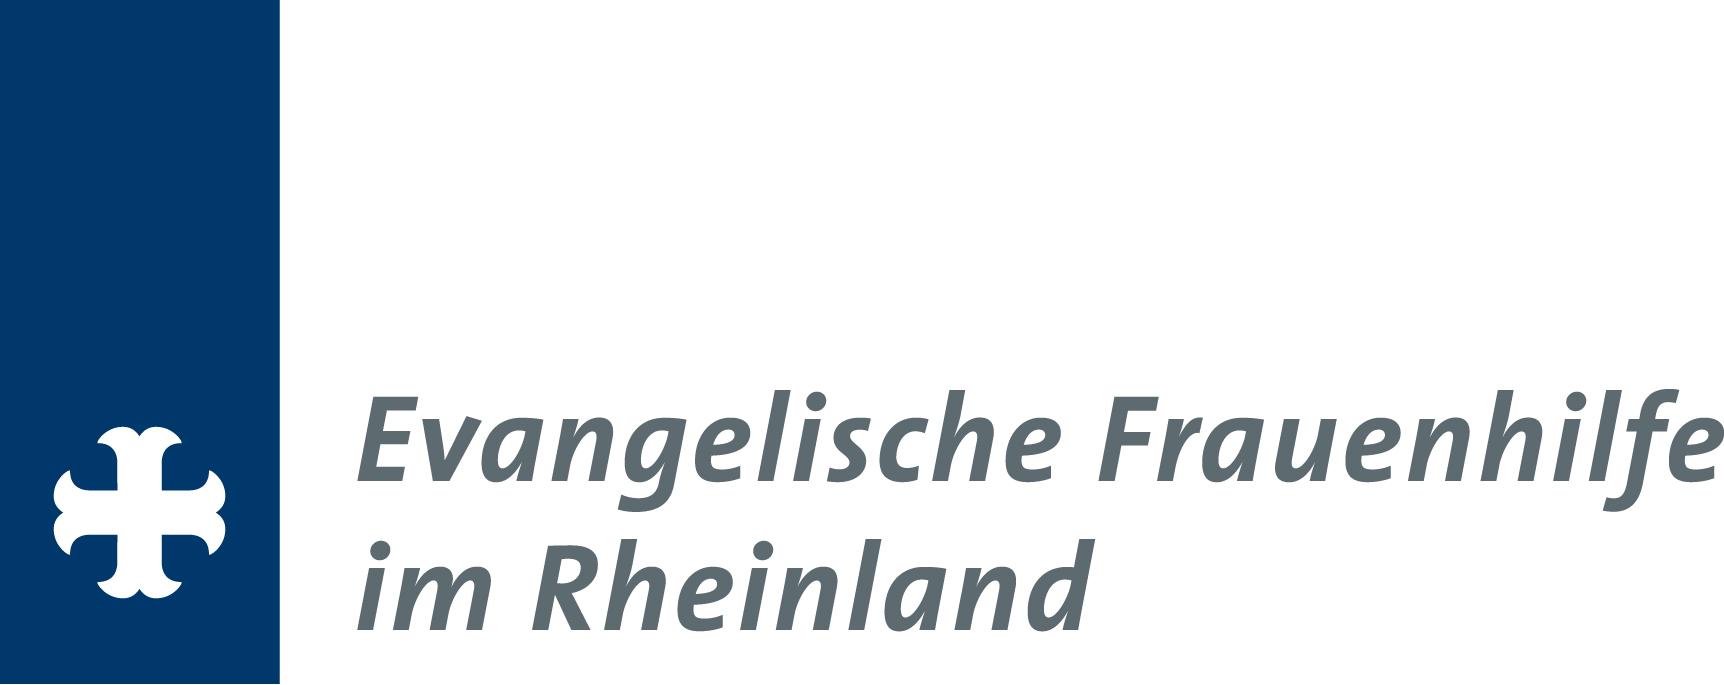 Evangelische Frauenhilfe im Rheinland e.V. Landesverband Rheinland